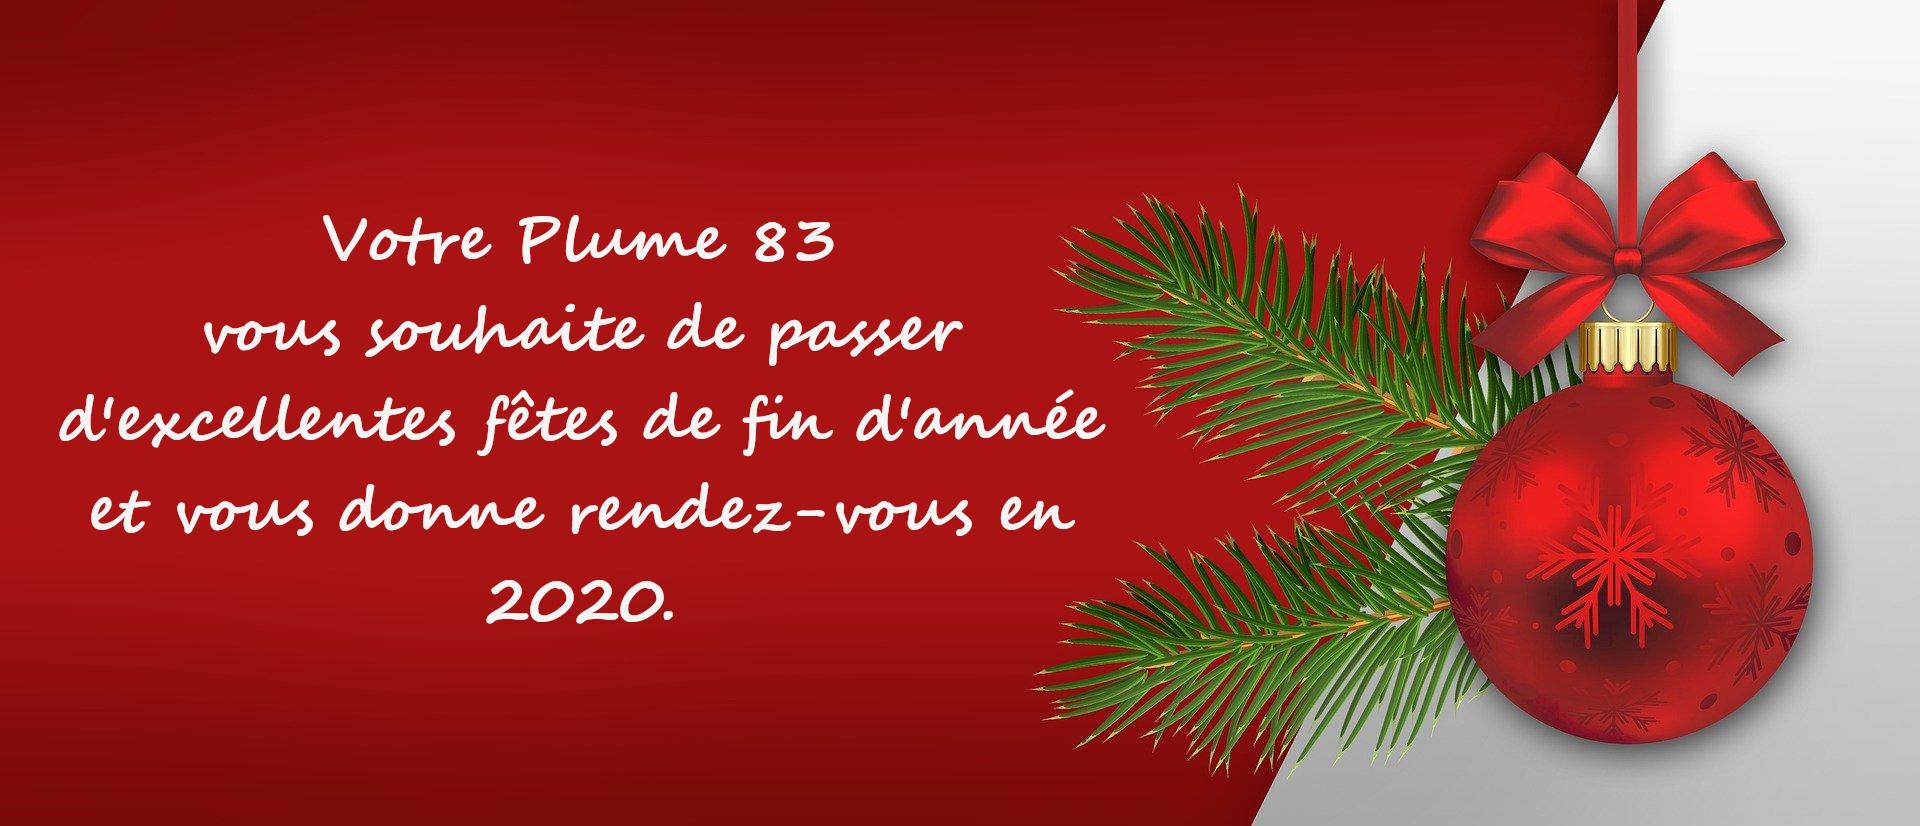 Votre Plume 83 vous souhaite de bonnes fêtes de fin d'année